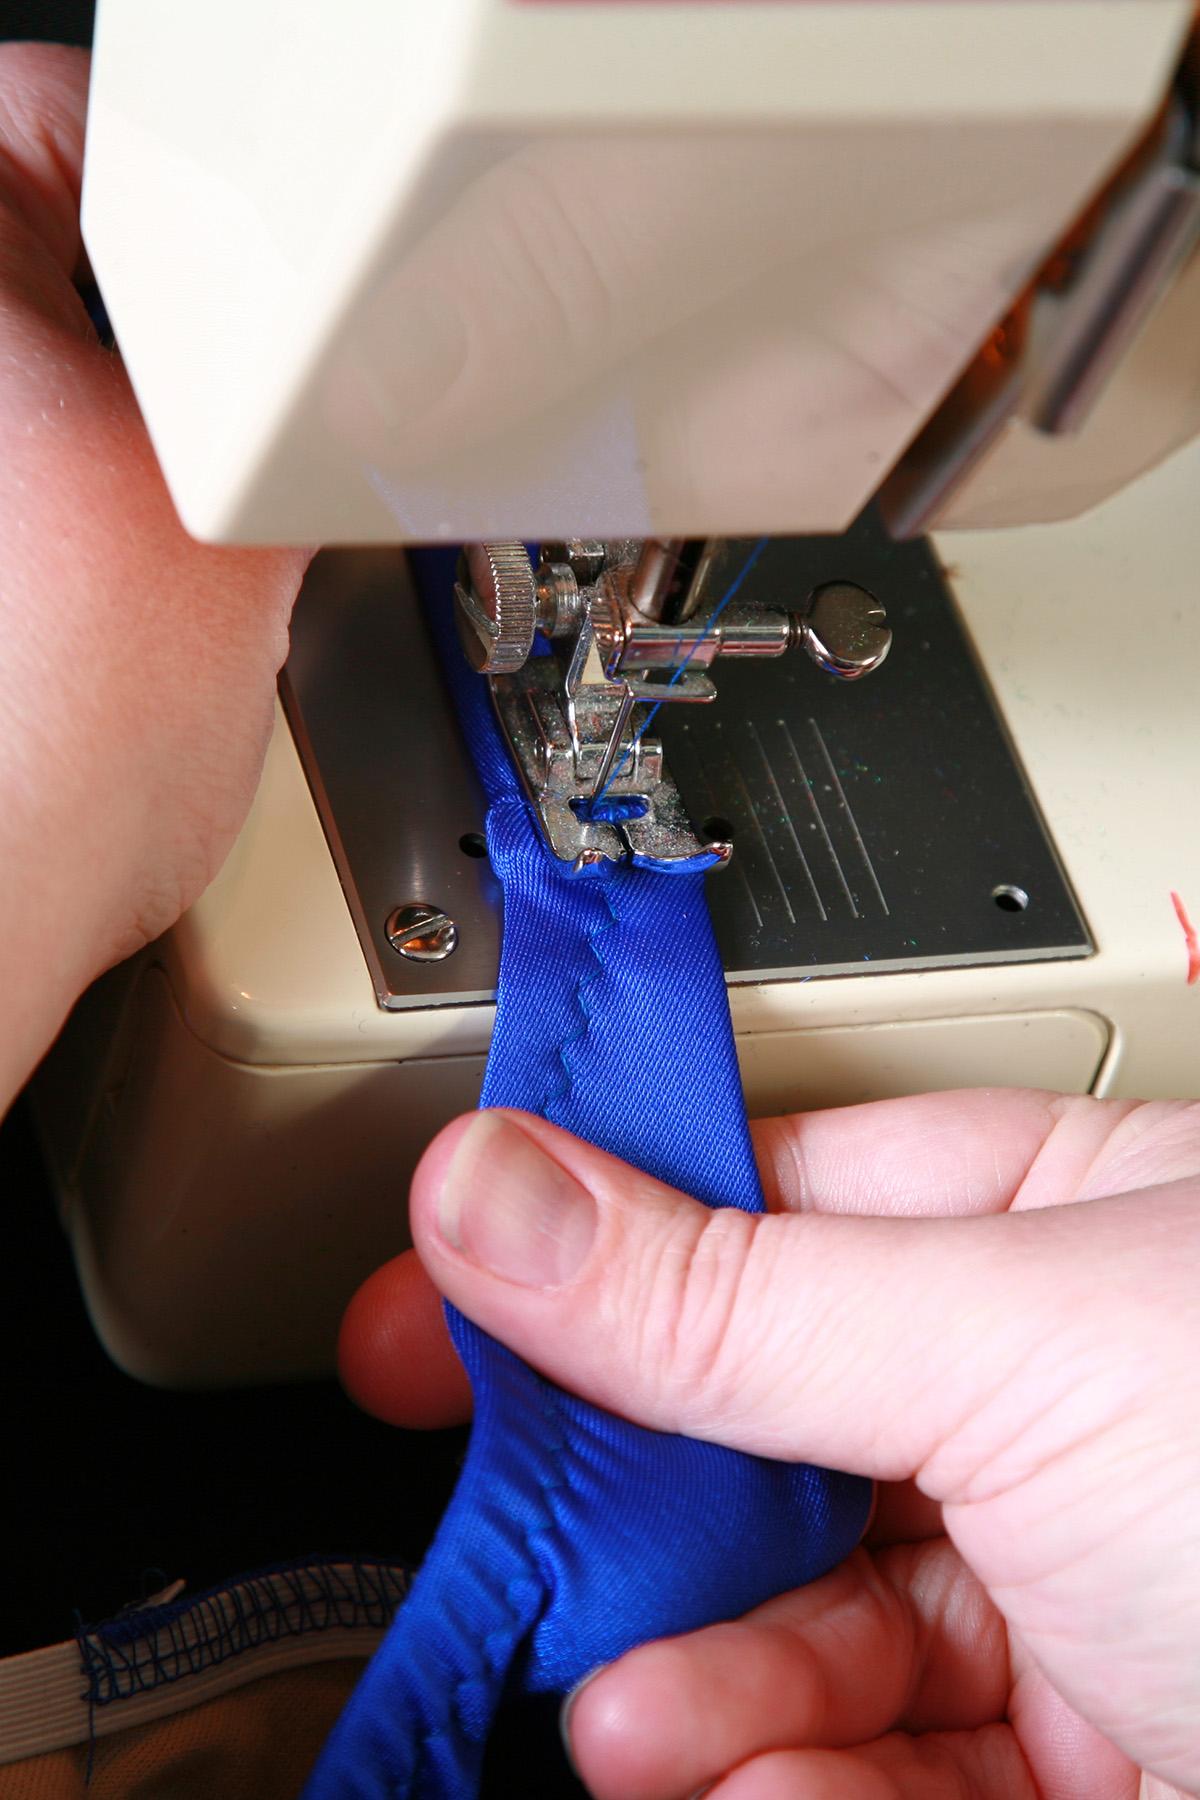 A blue bikini bottom being guided through a sewing machine.